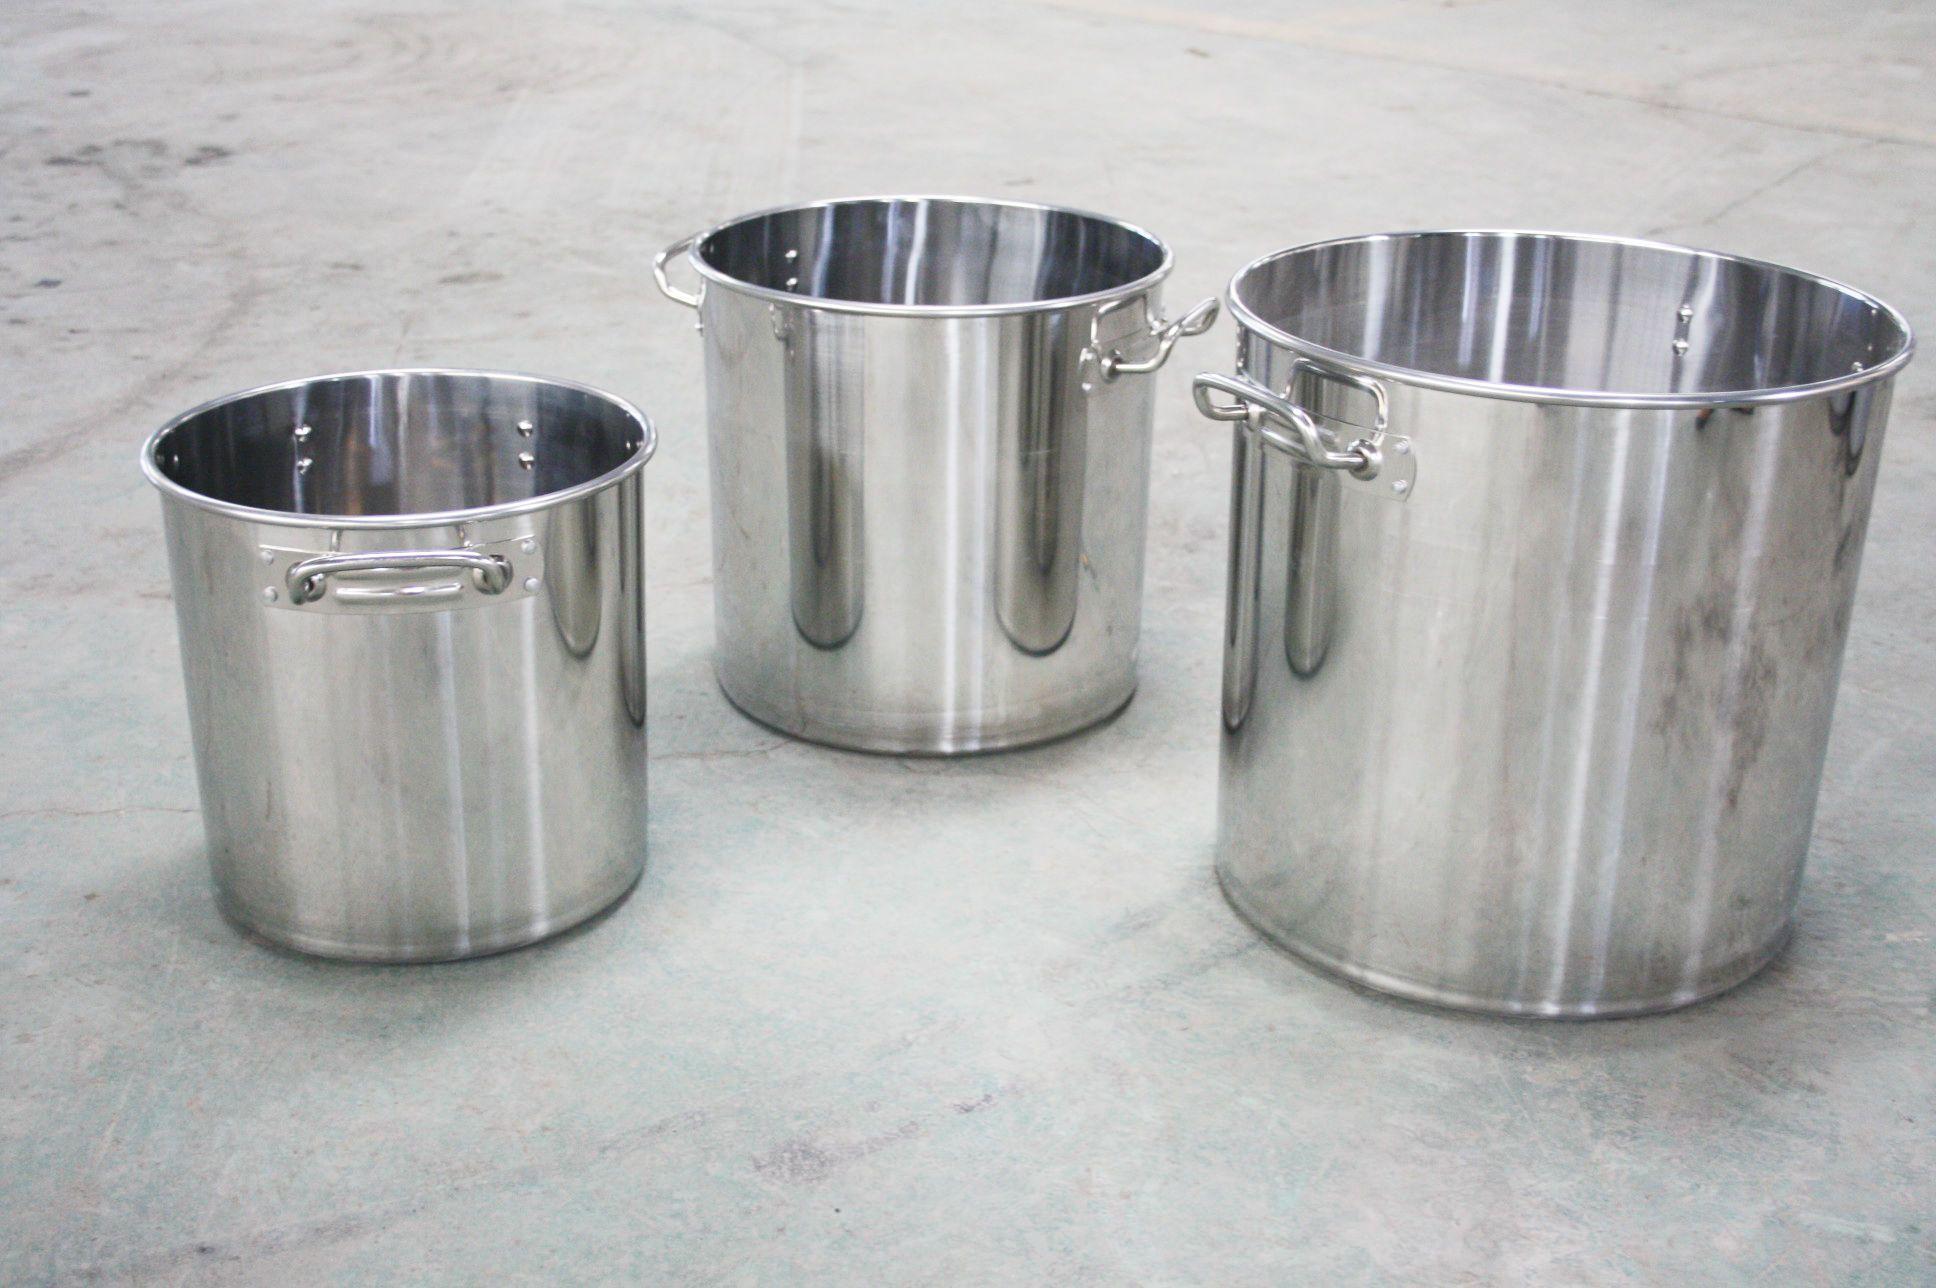 万嘉不锈钢汤桶采用国际标准不锈钢